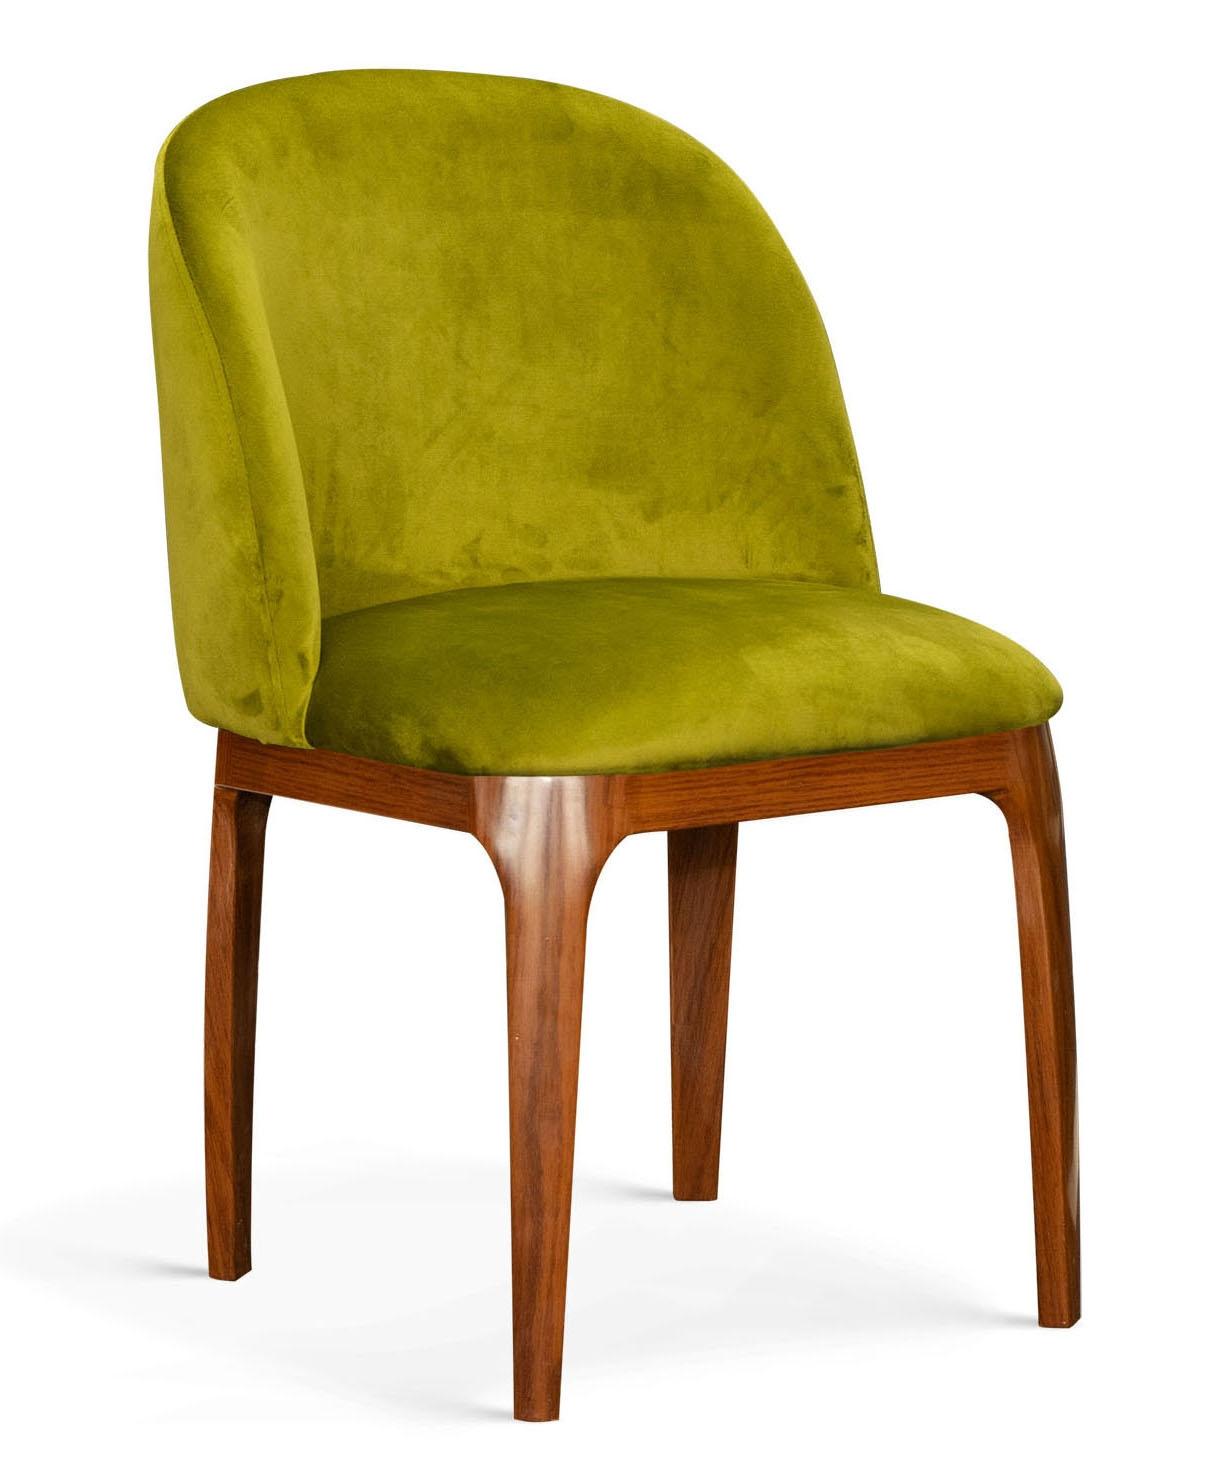 Scaun tapitat cu stofa, cu picioare metalice Grace Verde Olive / Nuc, l53xA56xH83 cm